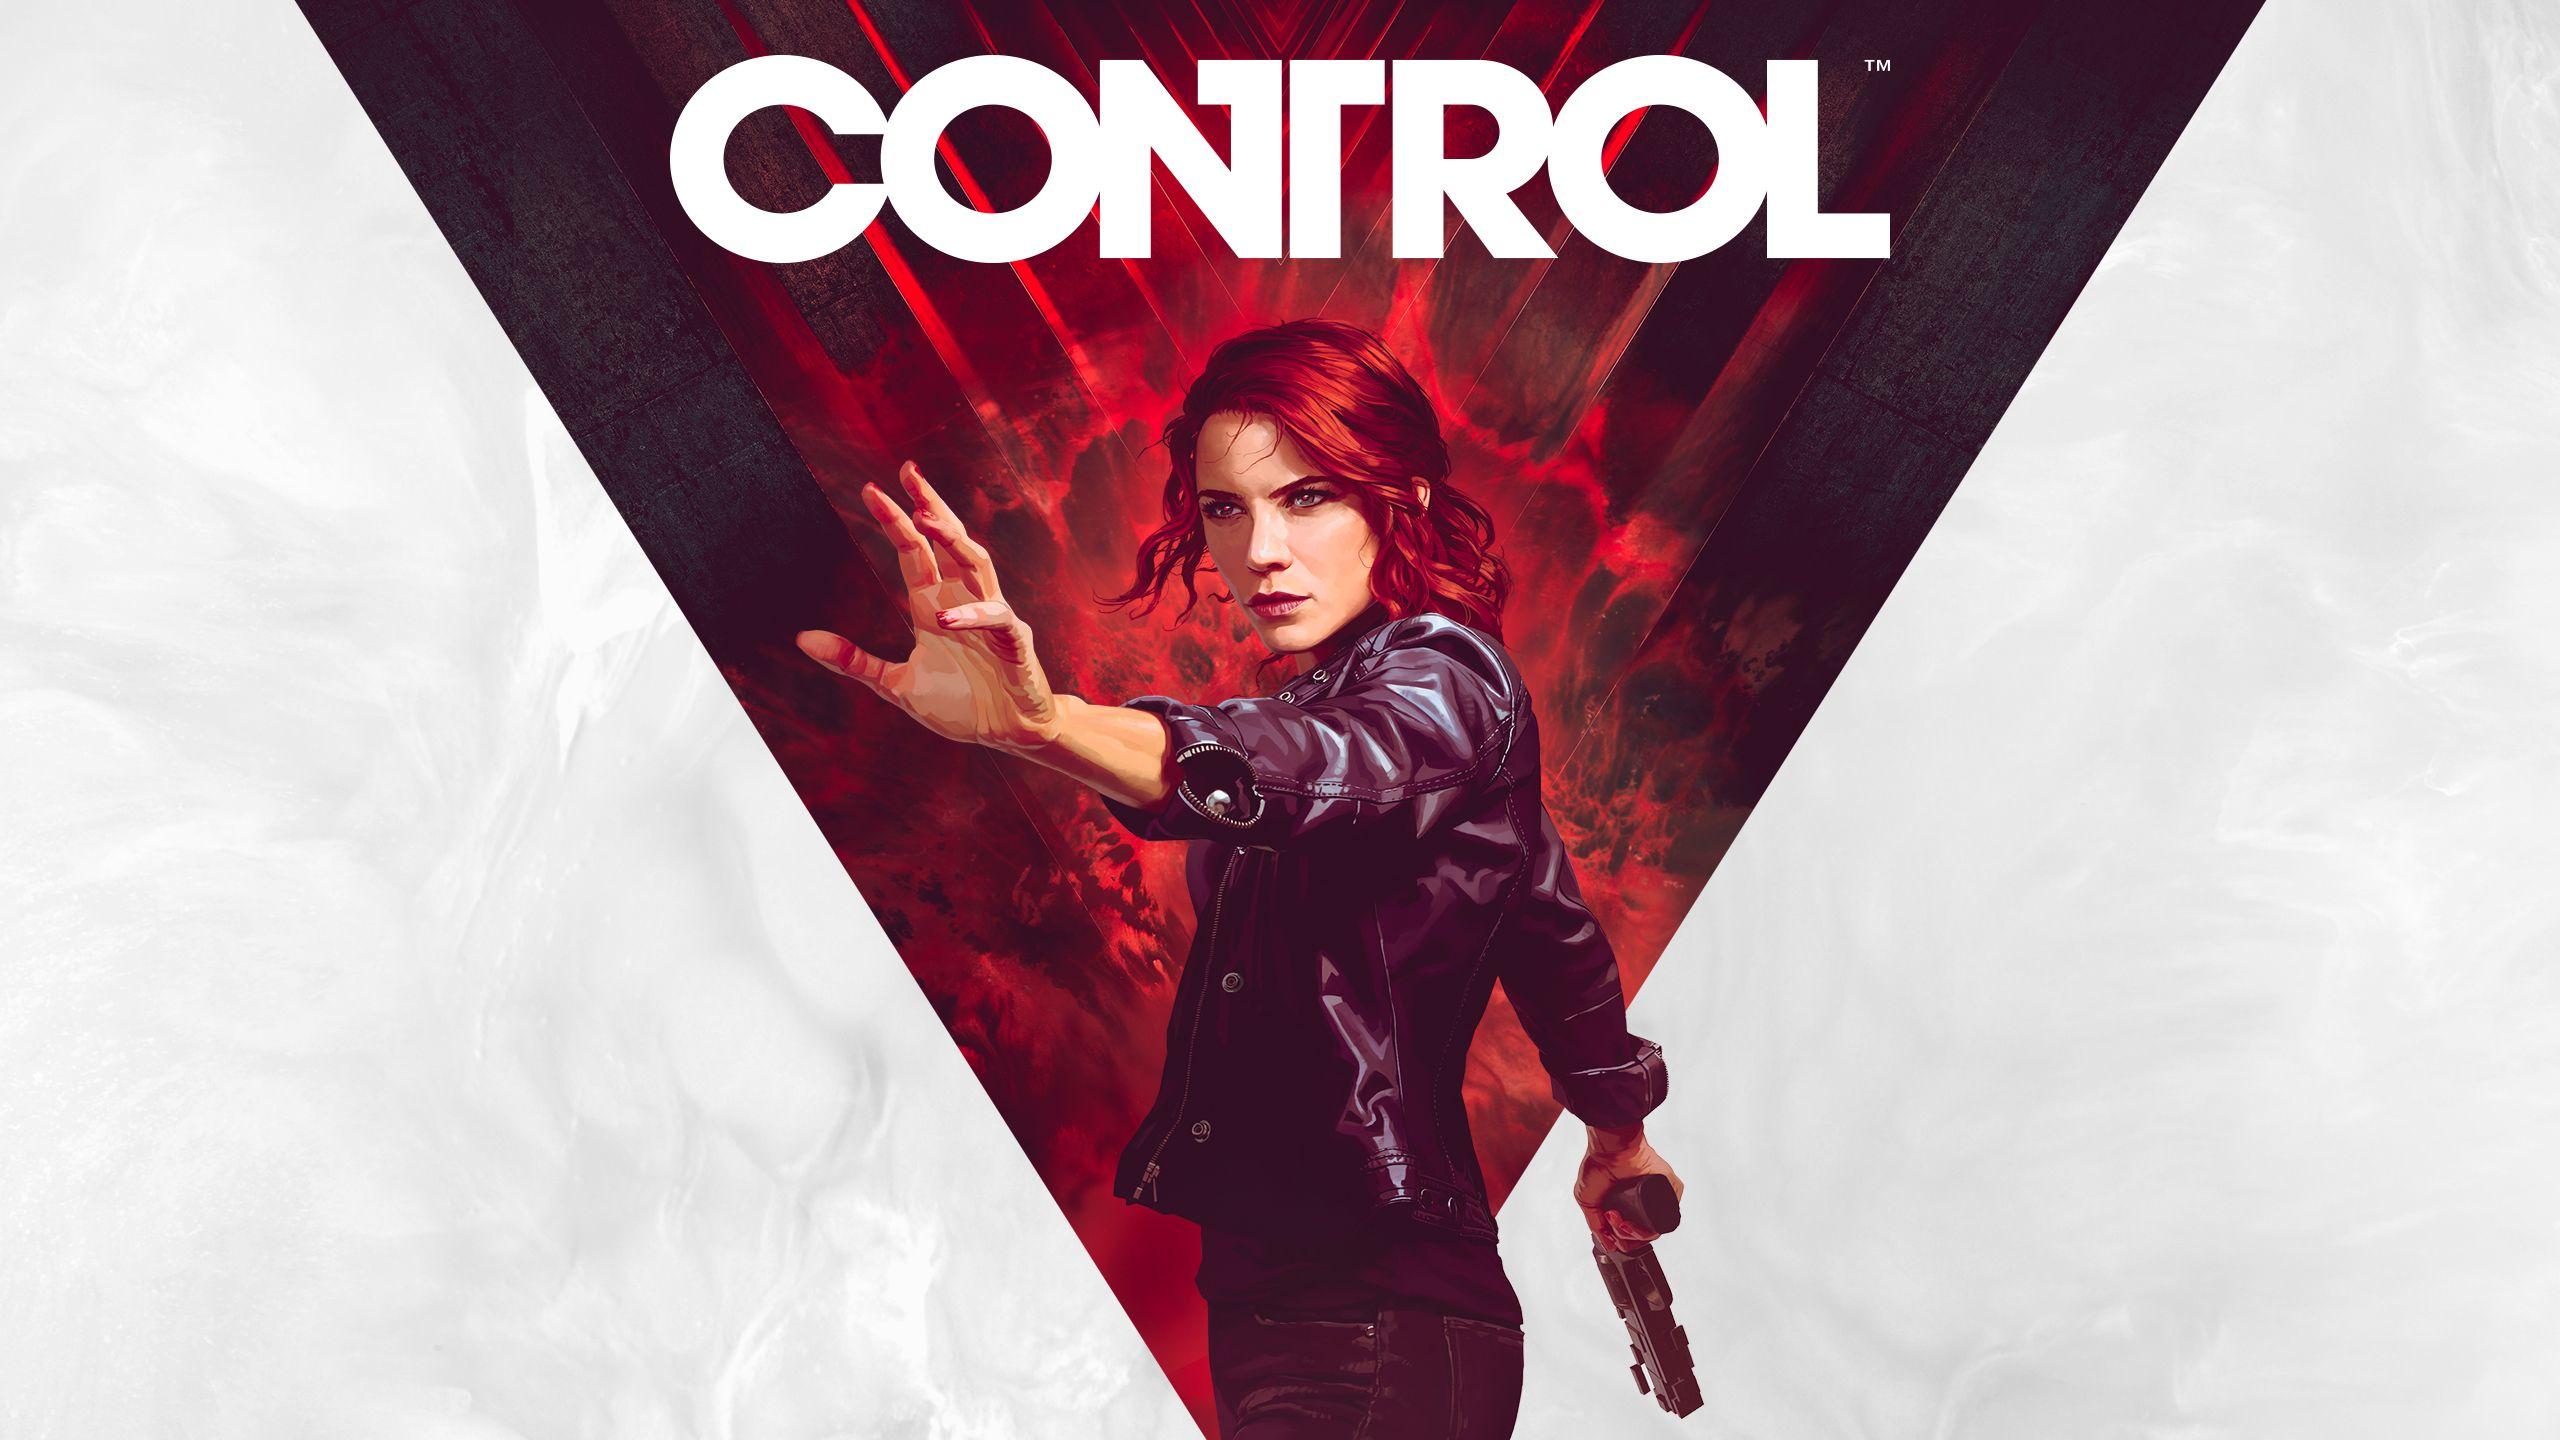 اکانت اریجینال بازی Control | با ایمیل اکانت